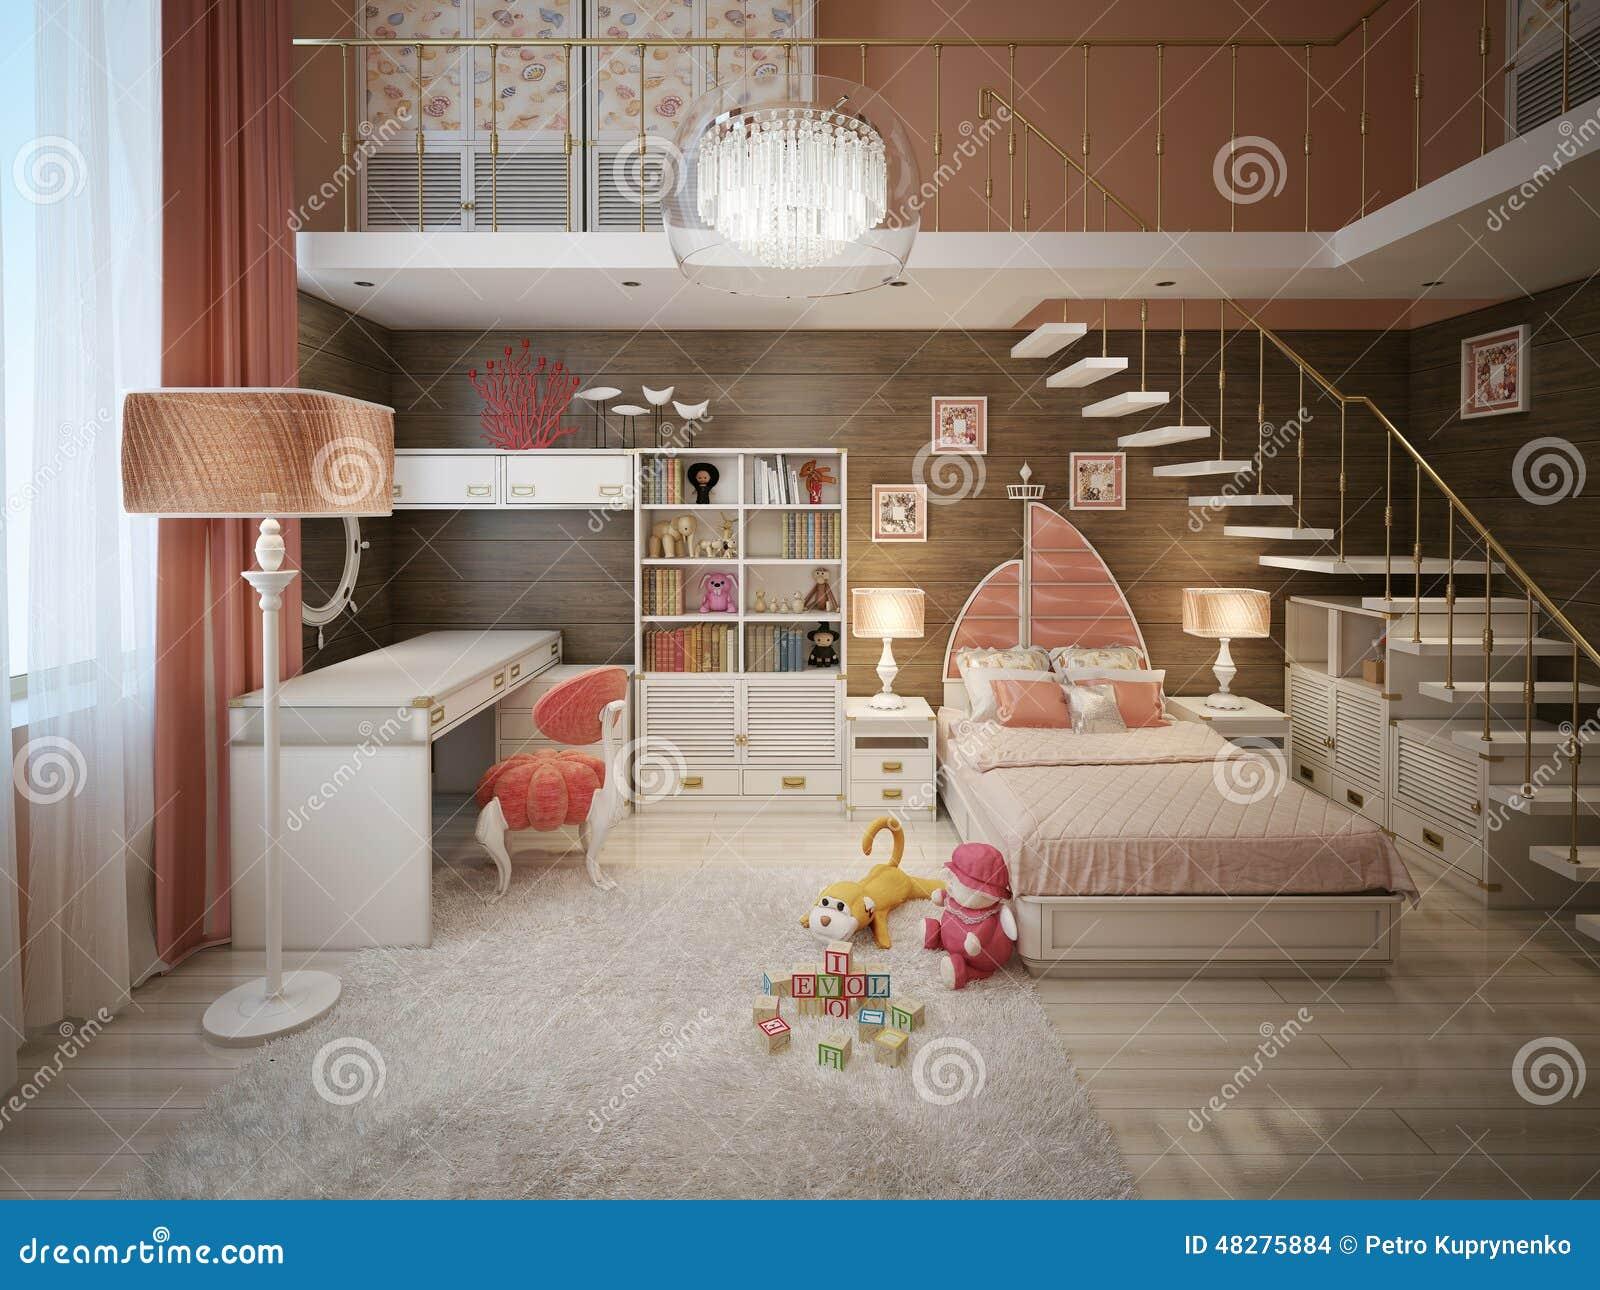 Stile moderno della camera da letto delle ragazze for Accessori camera da letto ragazza